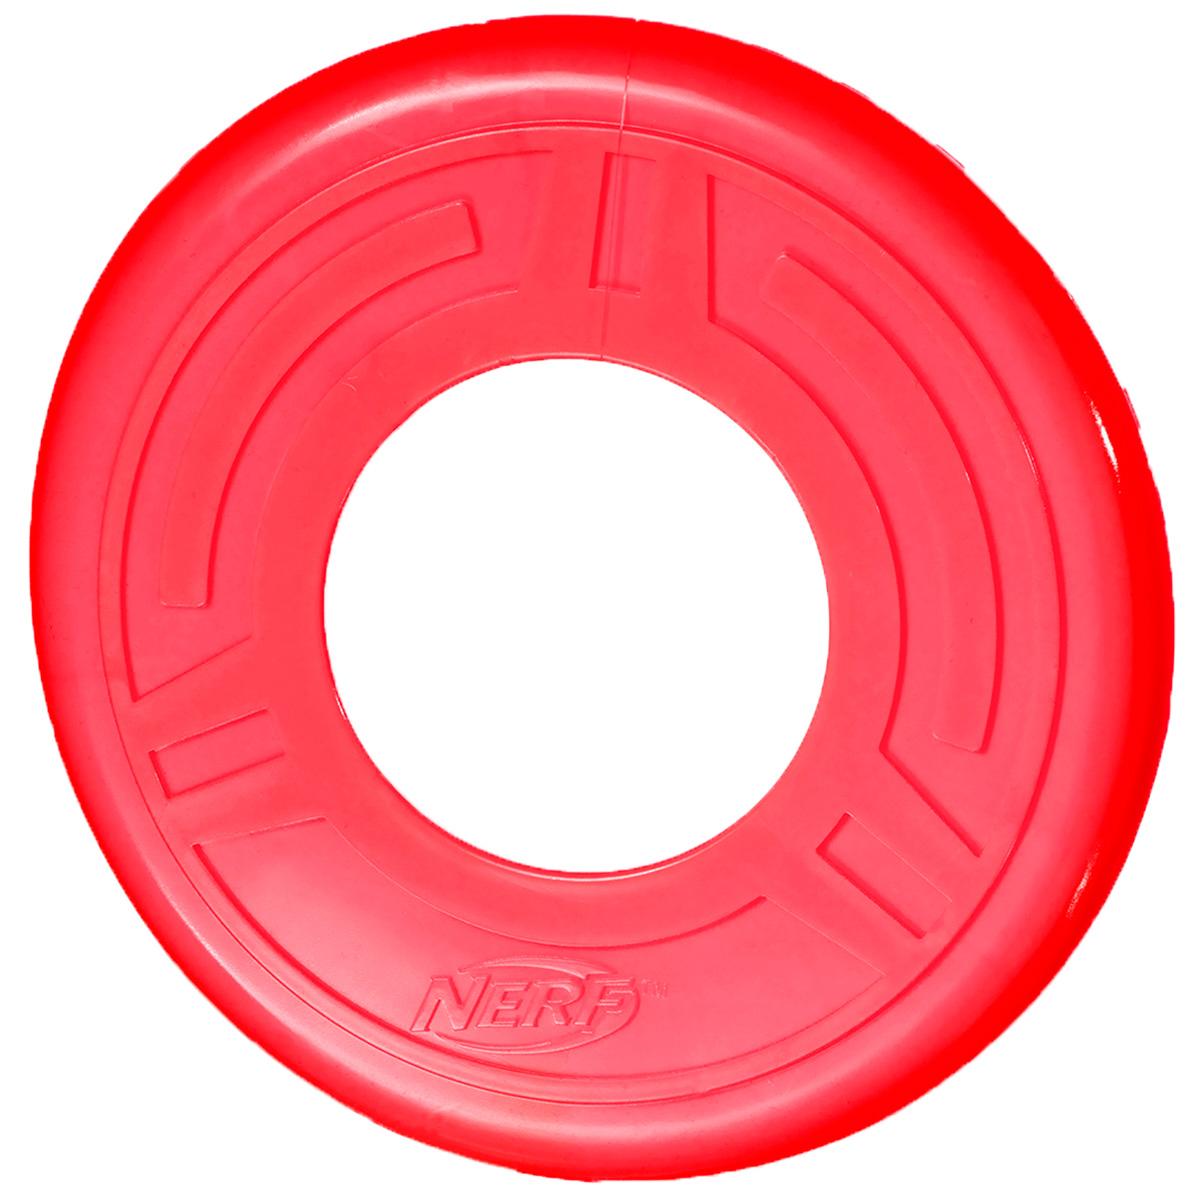 Игрушка для собак Nerf Диск для фрисби, цвет: красный, 25 см0120710Летающая тарелка-фрисби Nerf - это удивительный спортивный снаряд, с которым не придется скучать.Кроме великолепных лётных качеств, диск безопасен для собачьих зубов и десен.Диск изготовлен из сверхпрочной резины, что обеспечивает долговечность использования.Высококачественные прочные материалы, из которых изготовлена игрушка, обеспечивают долговечность использования.Оптимальна для перетягивания, подходит для игры двух собак.Яркие привлекательные цвета.Размер: 25 см.